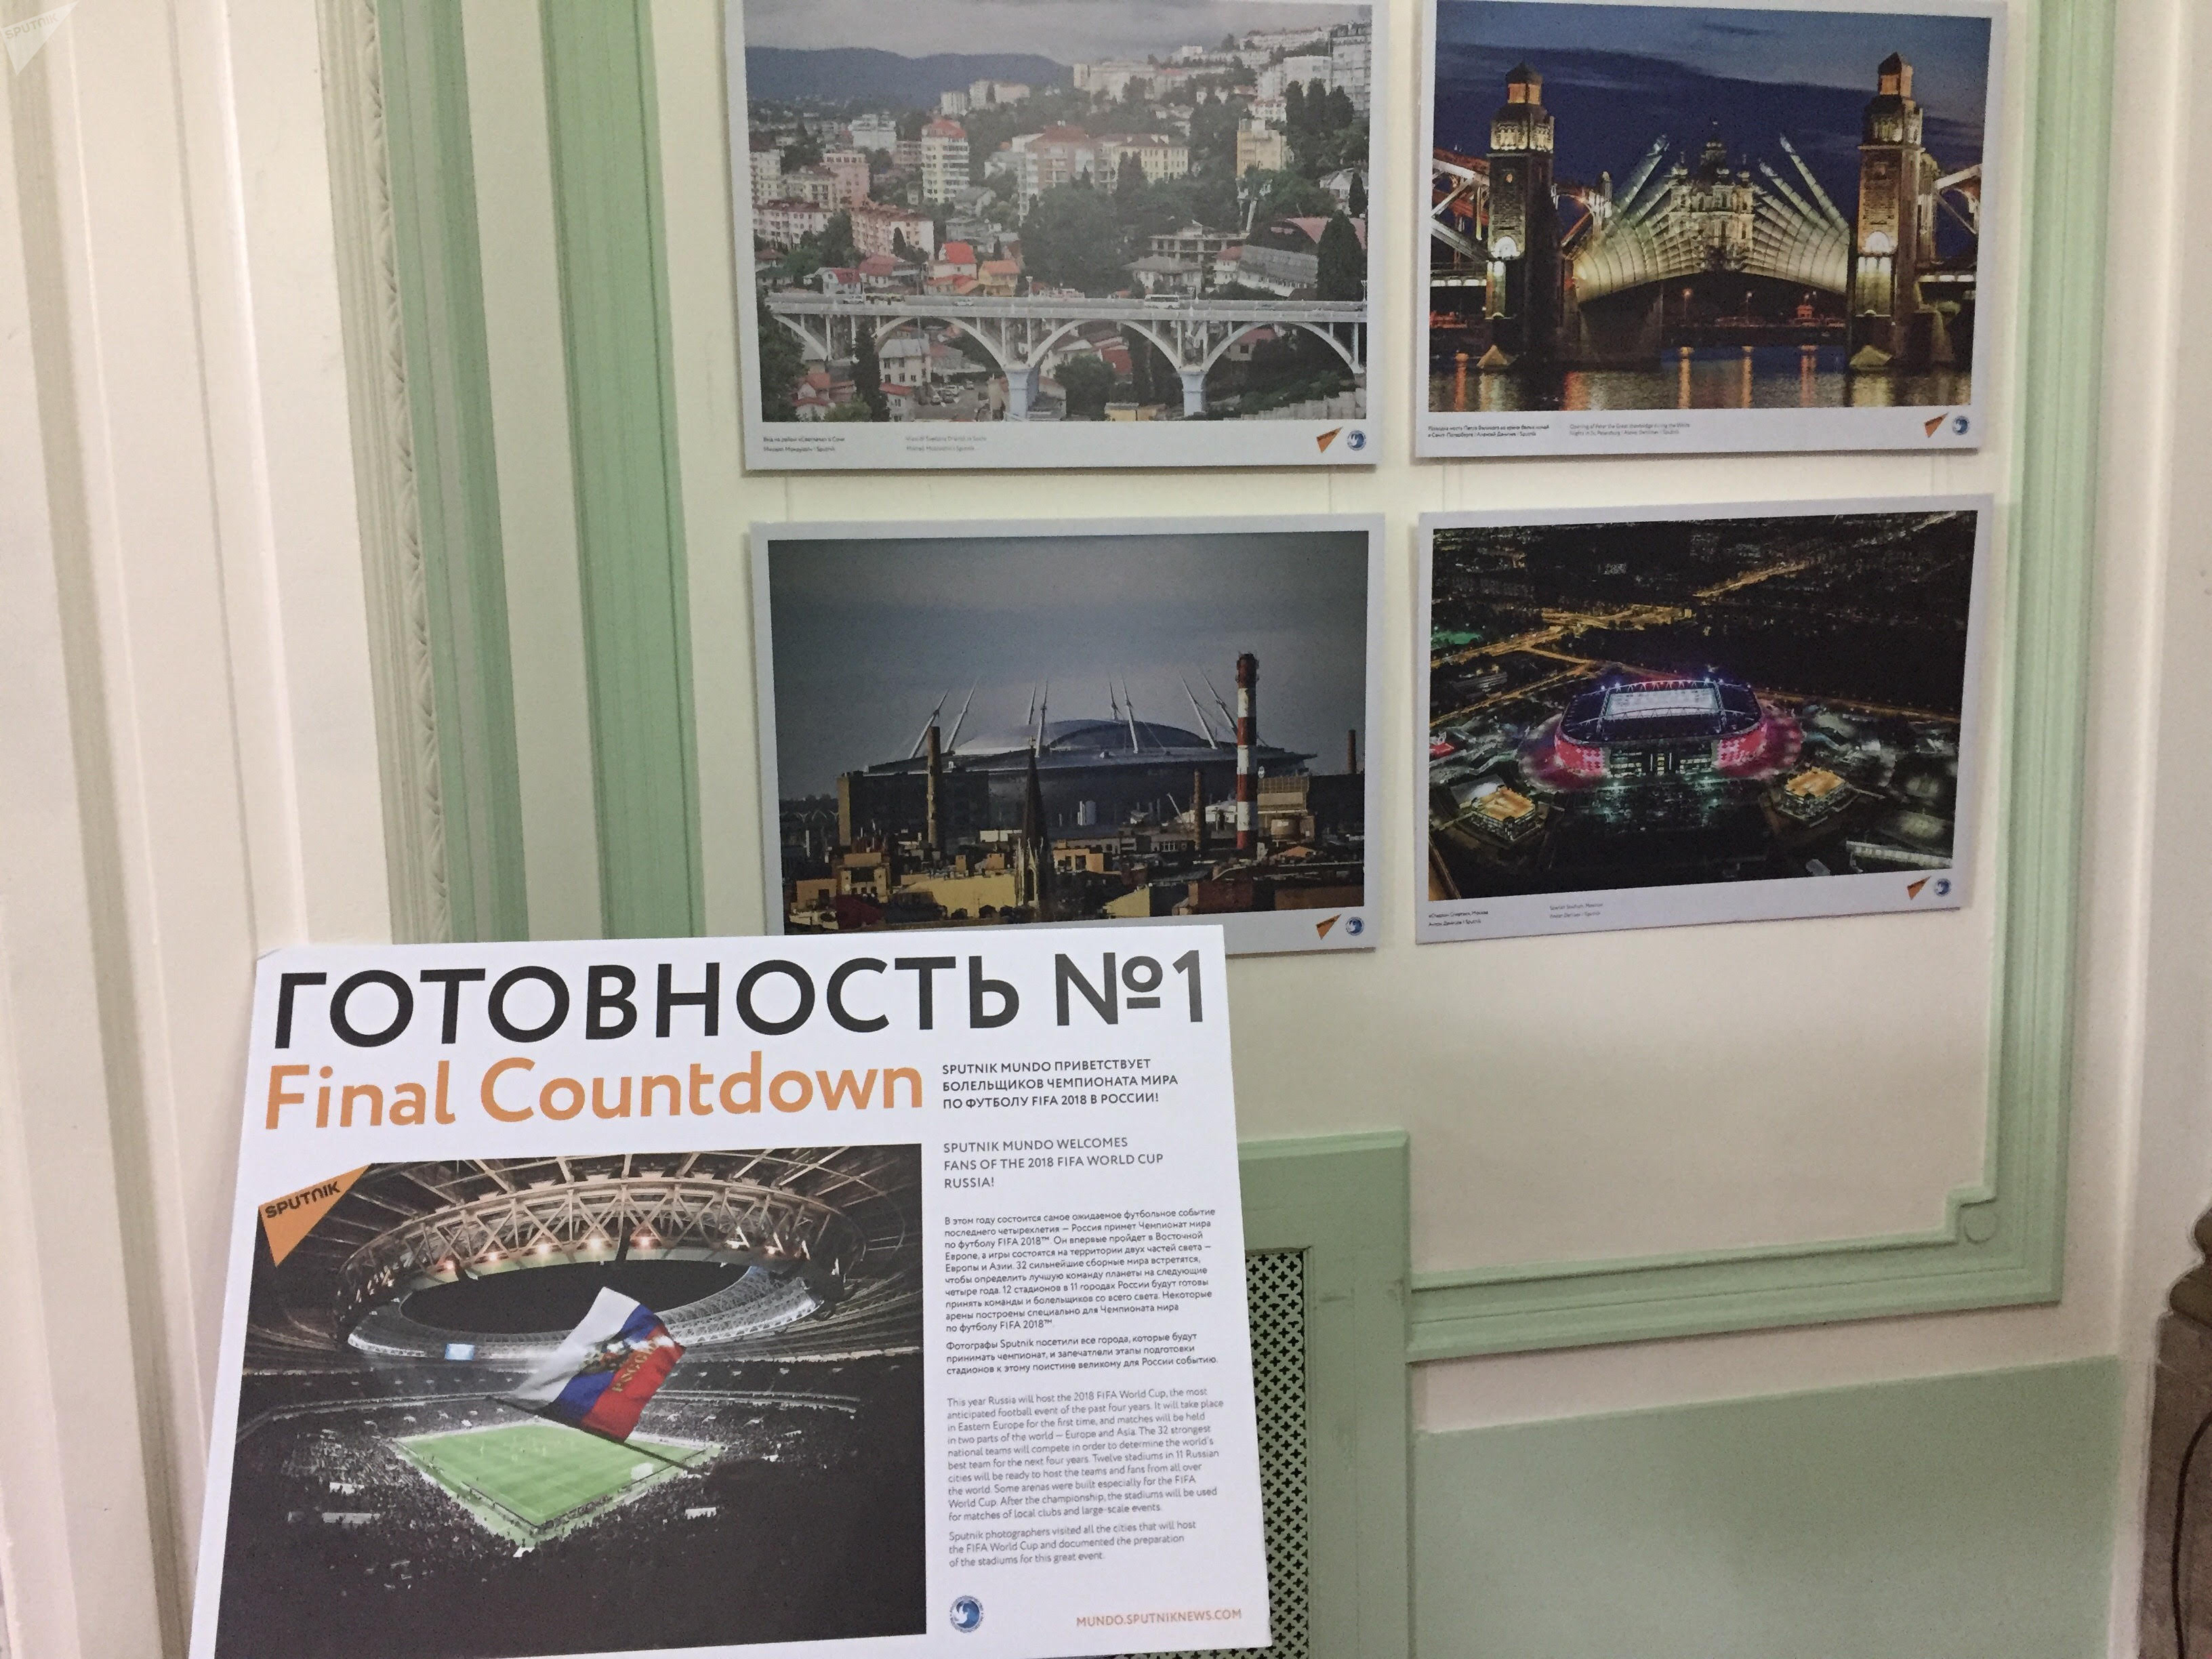 Exposición 'Cuenta Regresiva', con fotos tomadas por fotógrafos de Sputnik y la agencia federal rusa en la Casa de Rusia, Argentina